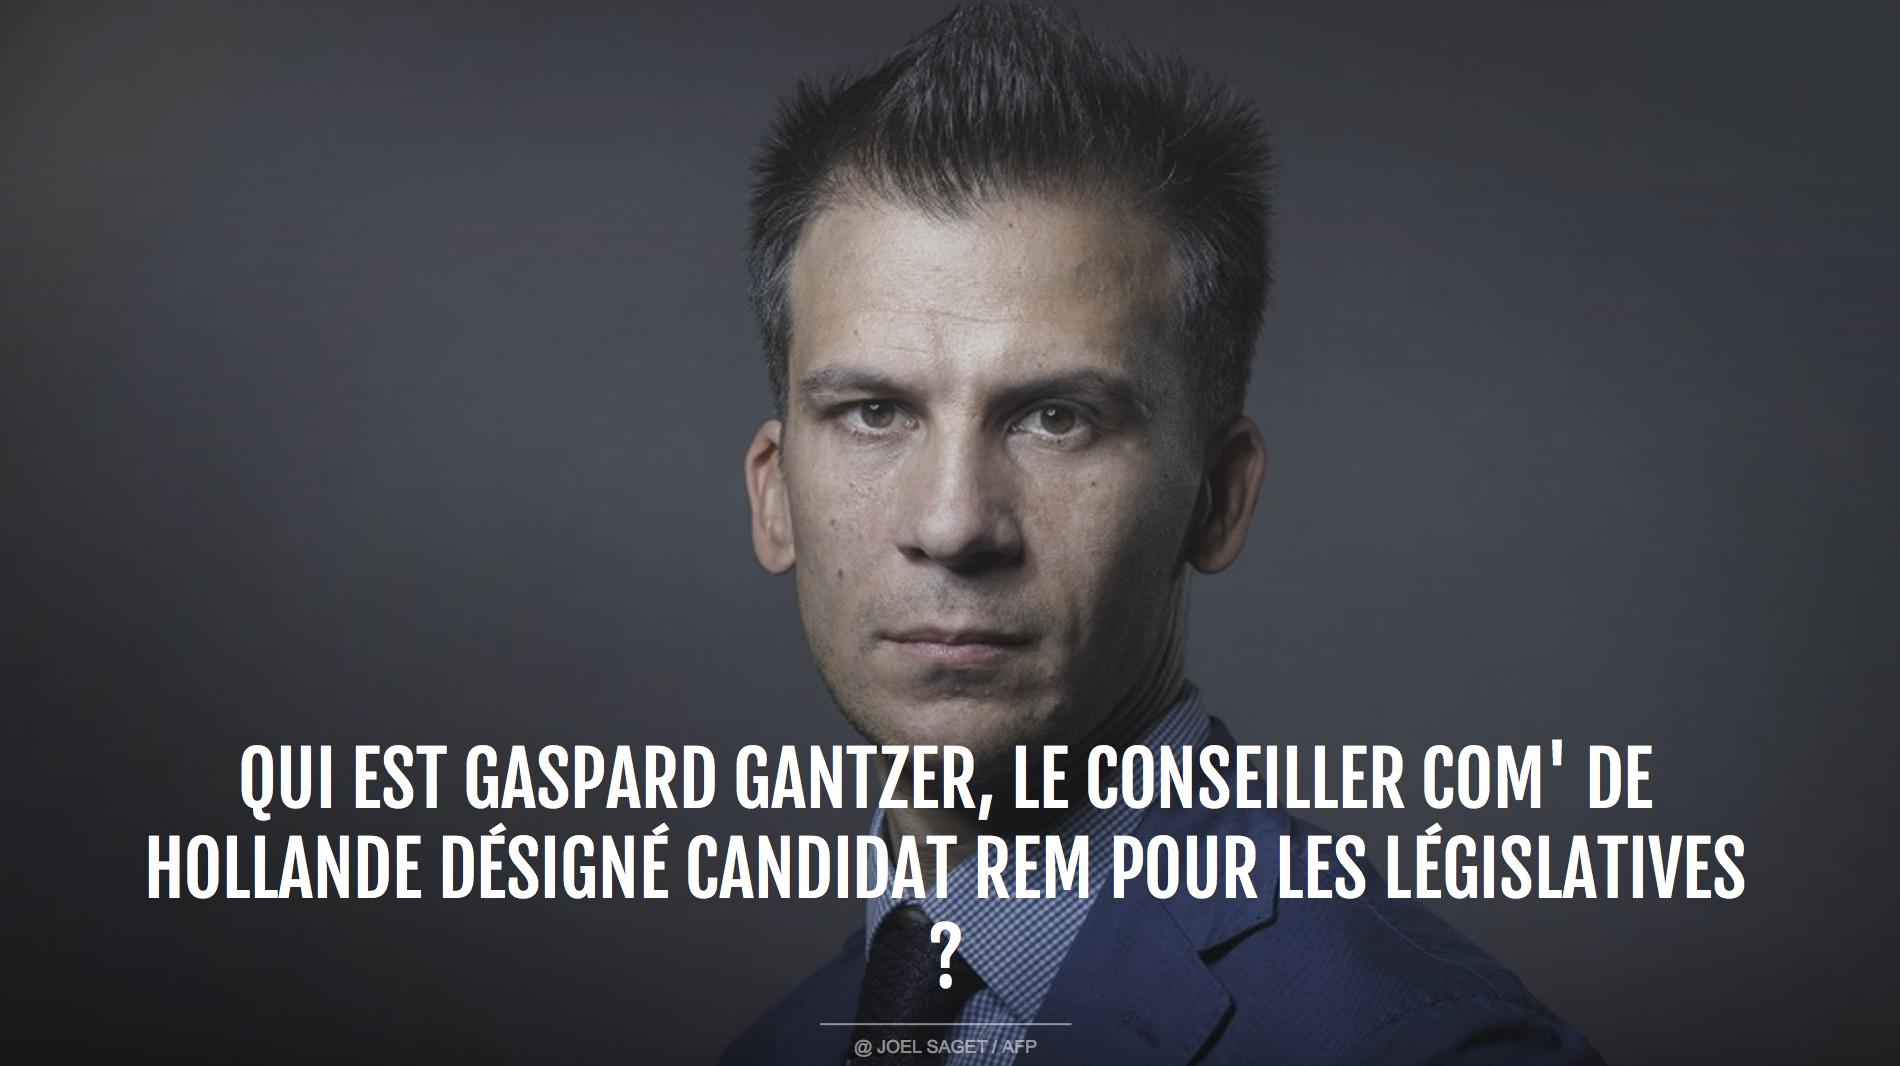 Hollande place ses petits copains comme Gaspard Gantzer aux législatives